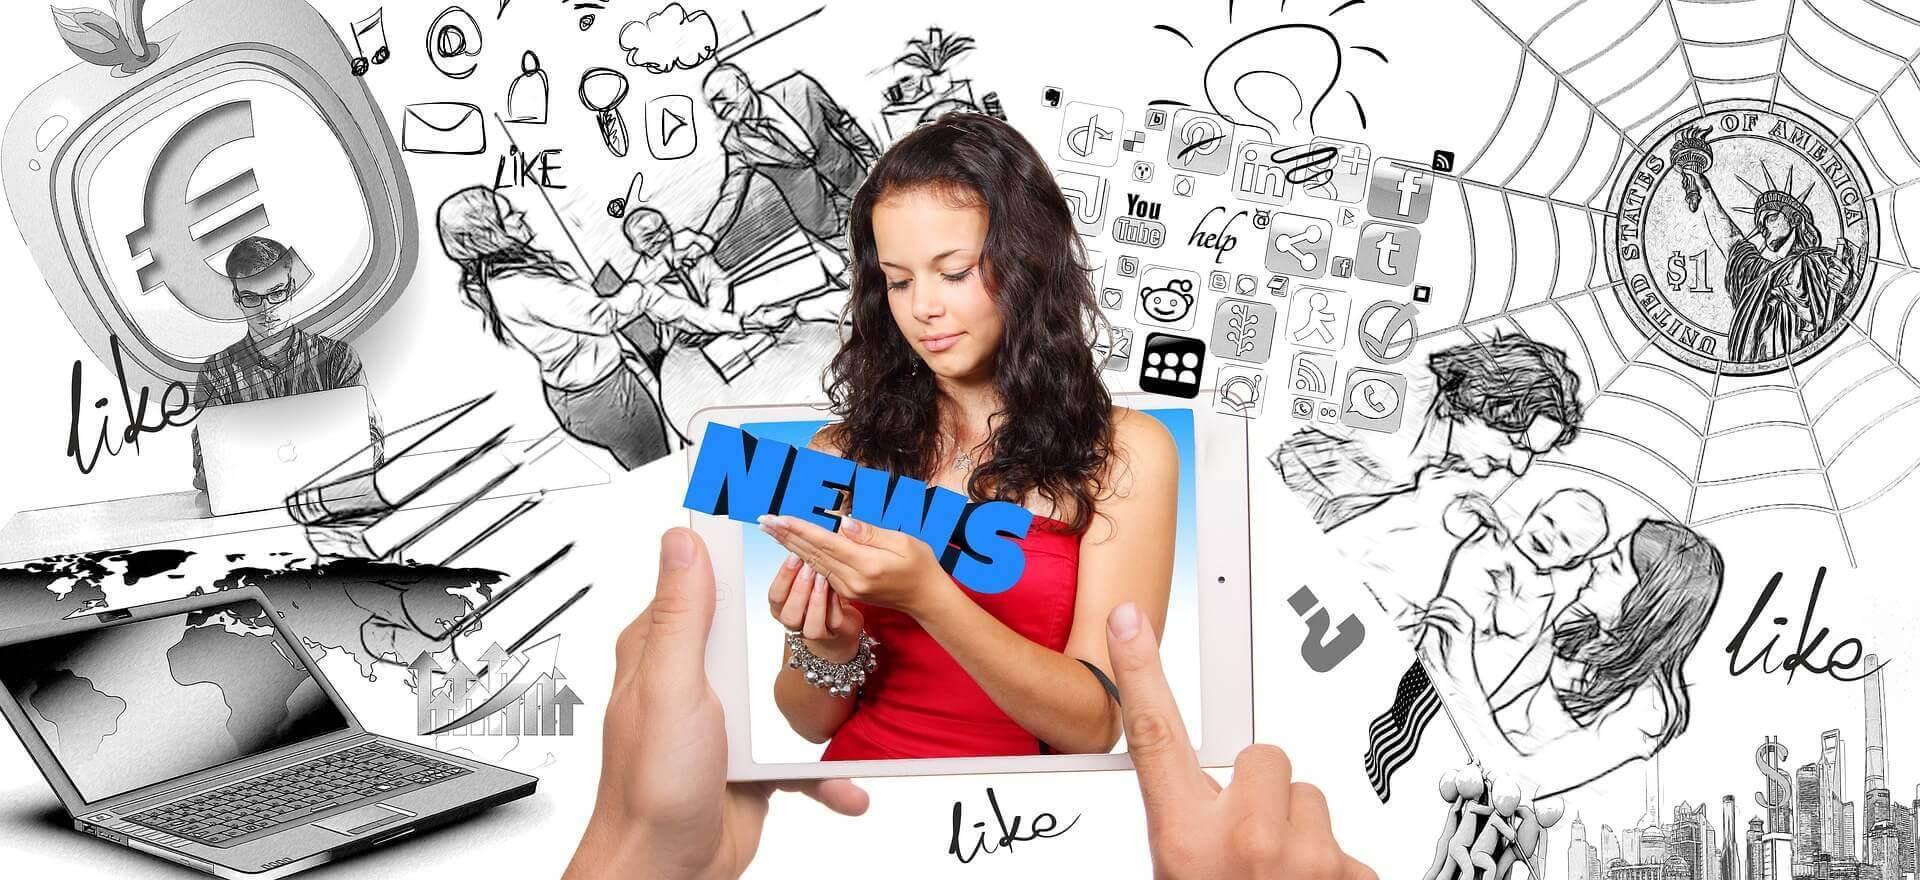 Internet und SocialMedia bestimmen das moderne Leben (c) geralt / pixabay.de